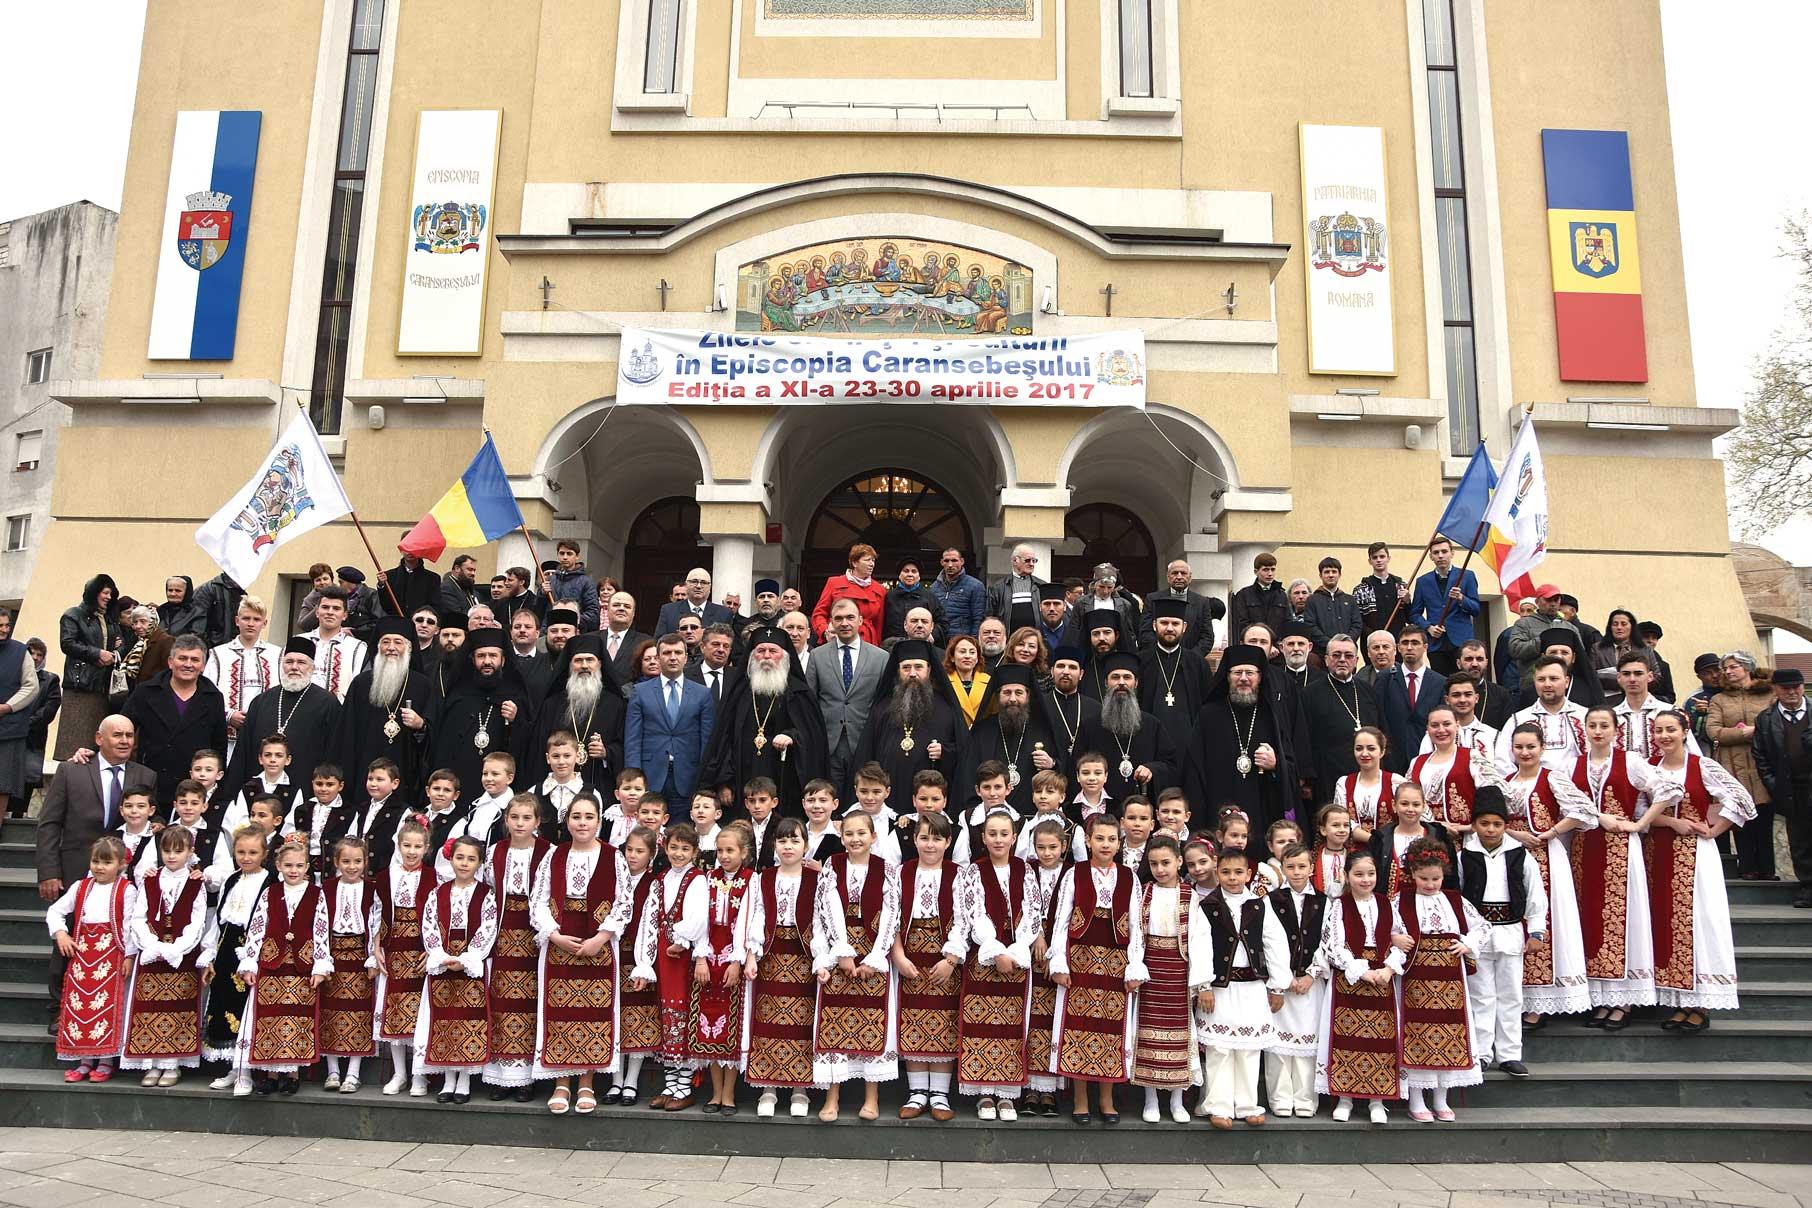 Zilele Credinței și Culturii în Caraș-Severin